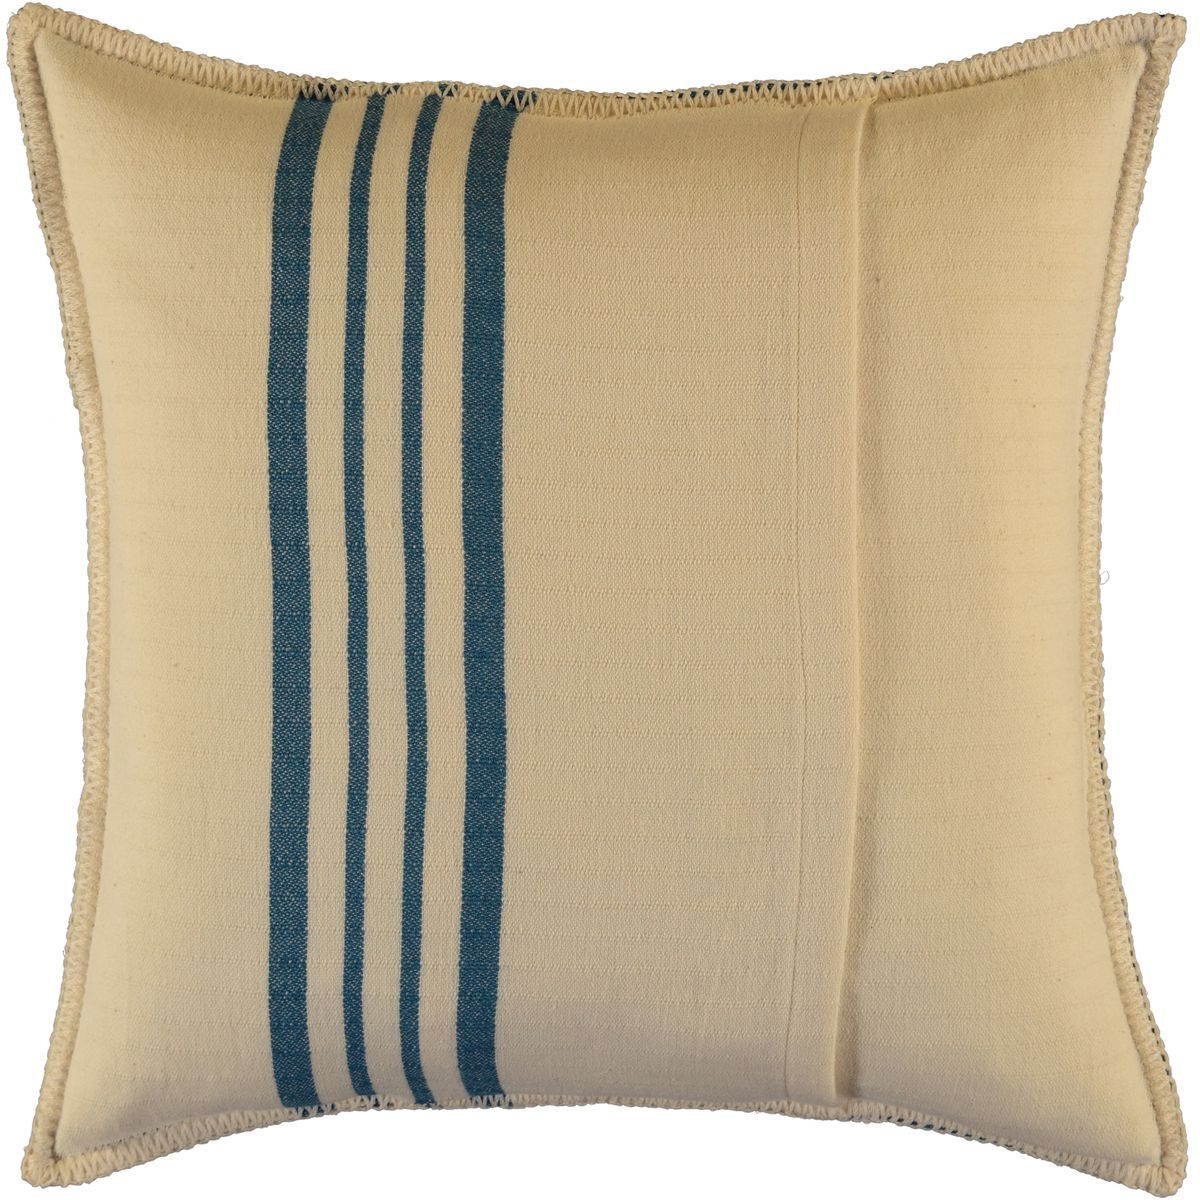 Yastık Kılıfı Sultan - Petrol Mavi / 45x45